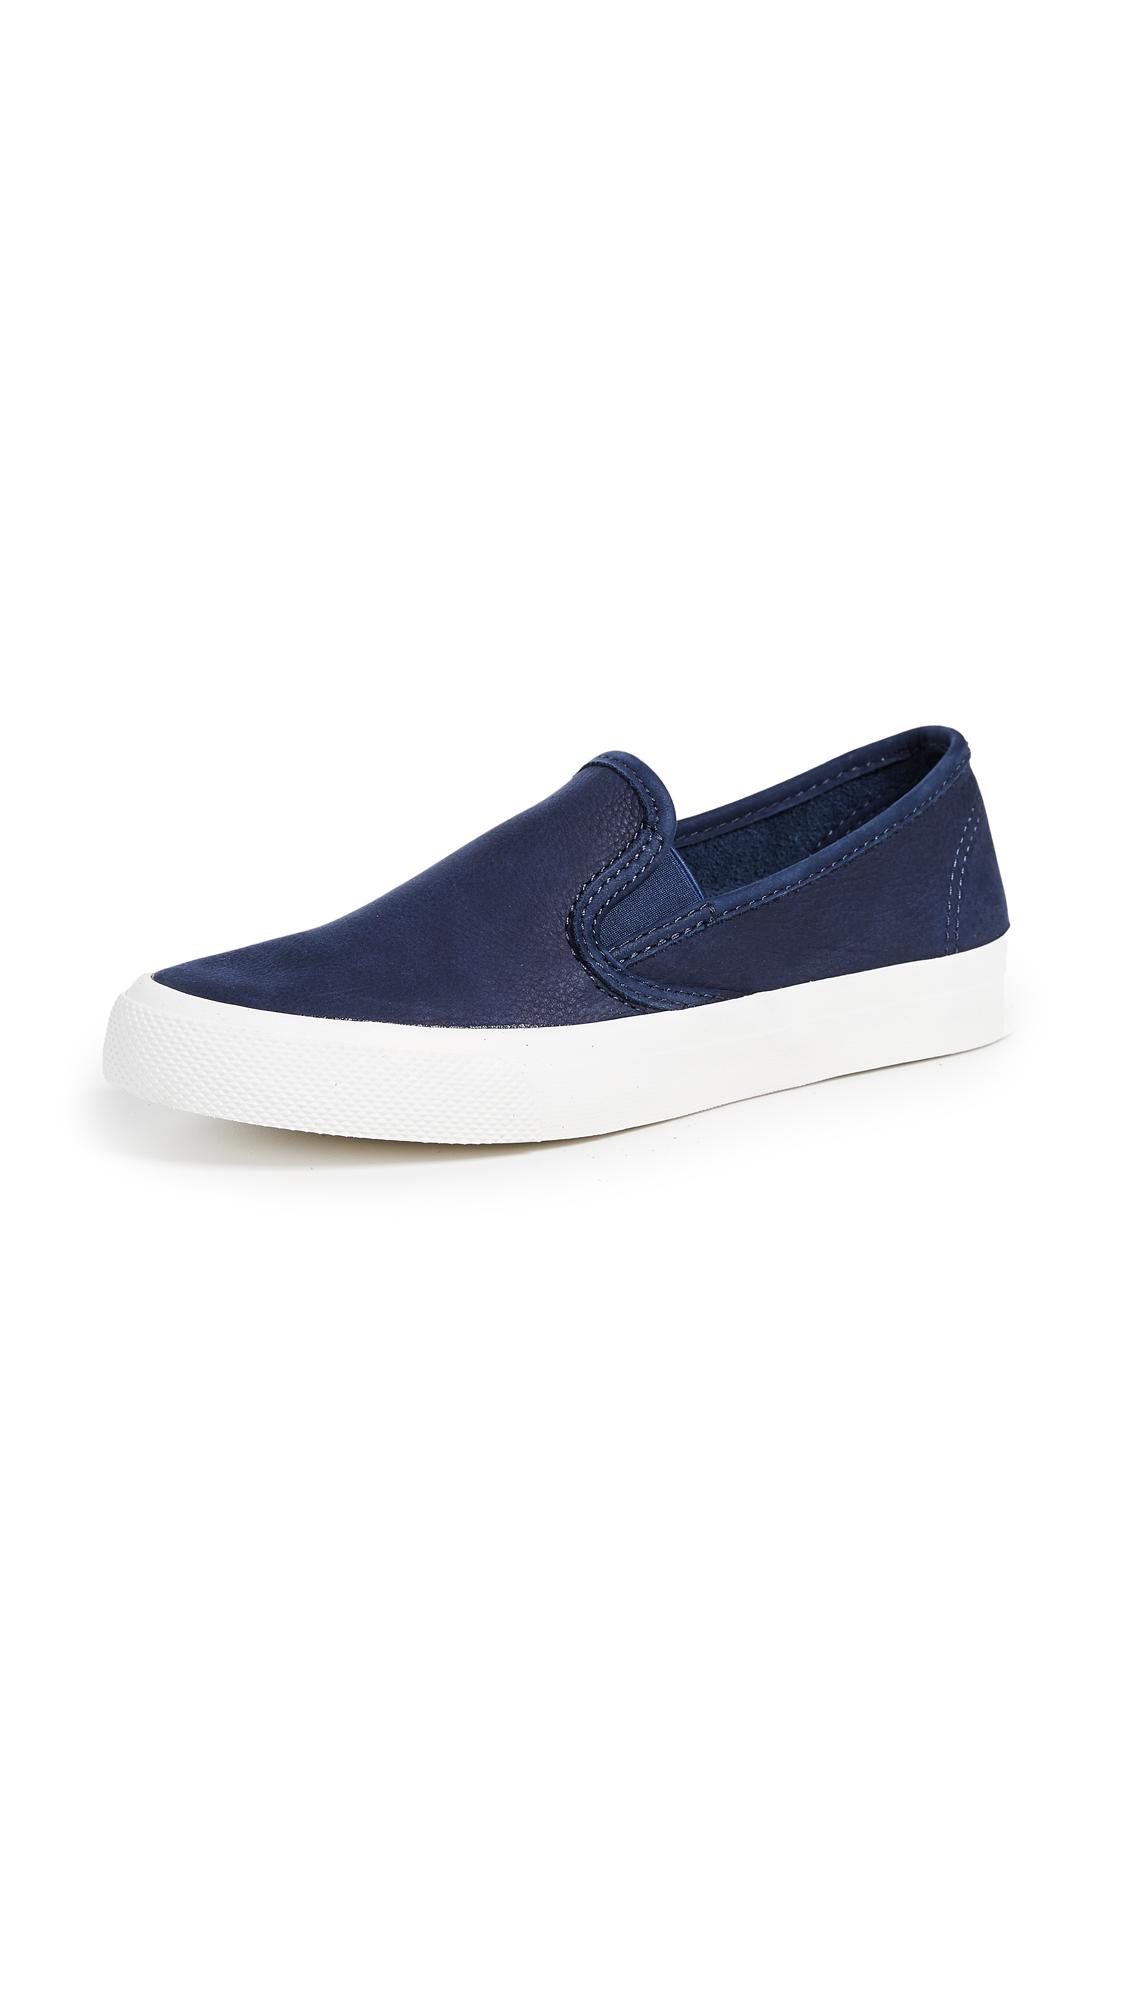 Sperry Seaside Slip On Sneakers - Navy